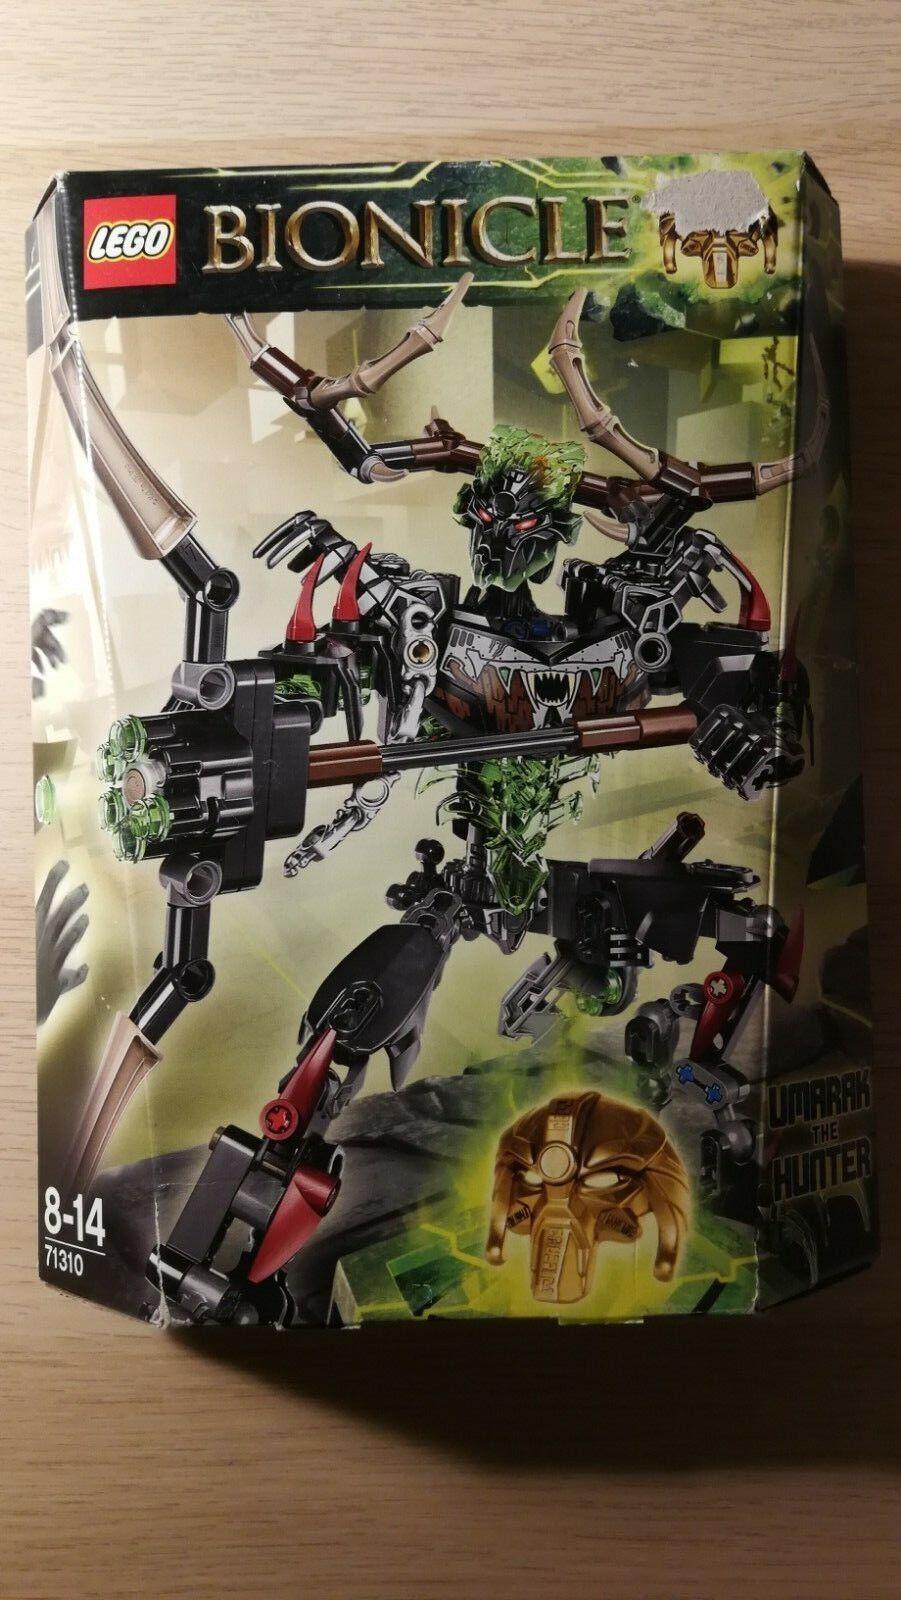 LEGO Bionicle Umarak the Hunter 71310 new sealed